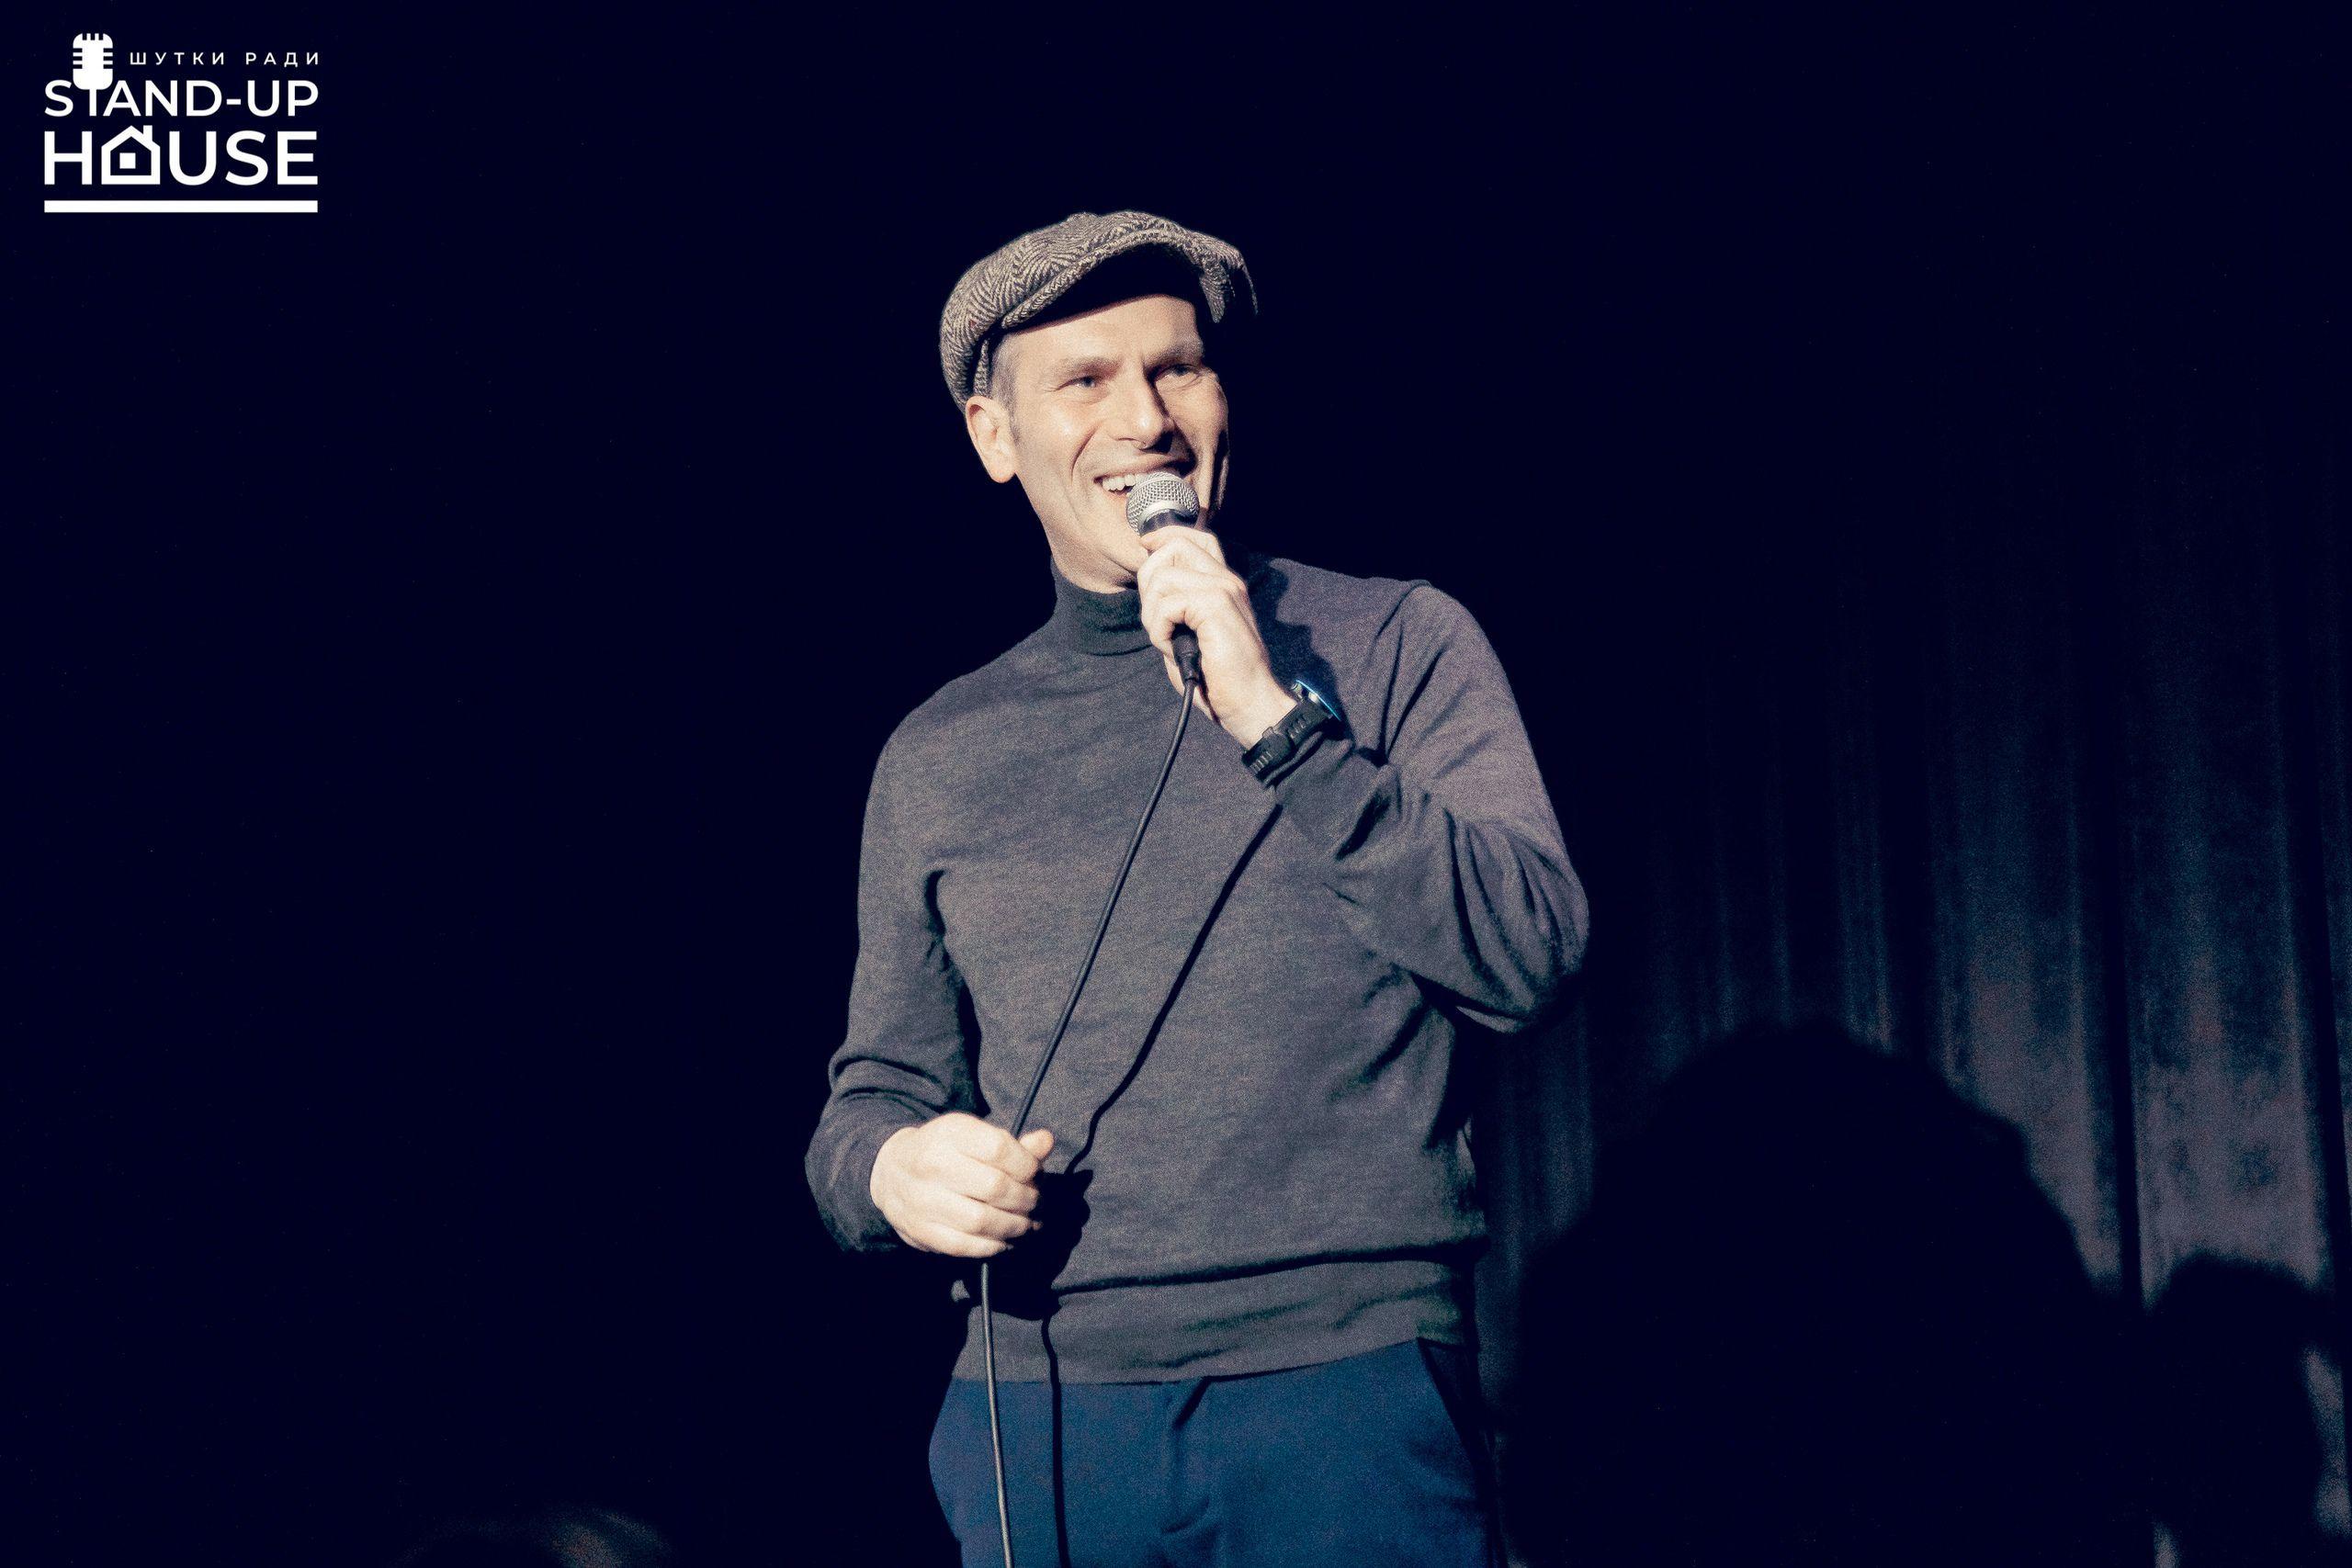 StandUp-вечера и авторские форматы шоу от ТВ- и YouTube-комиков в Stand-Up House фото 1